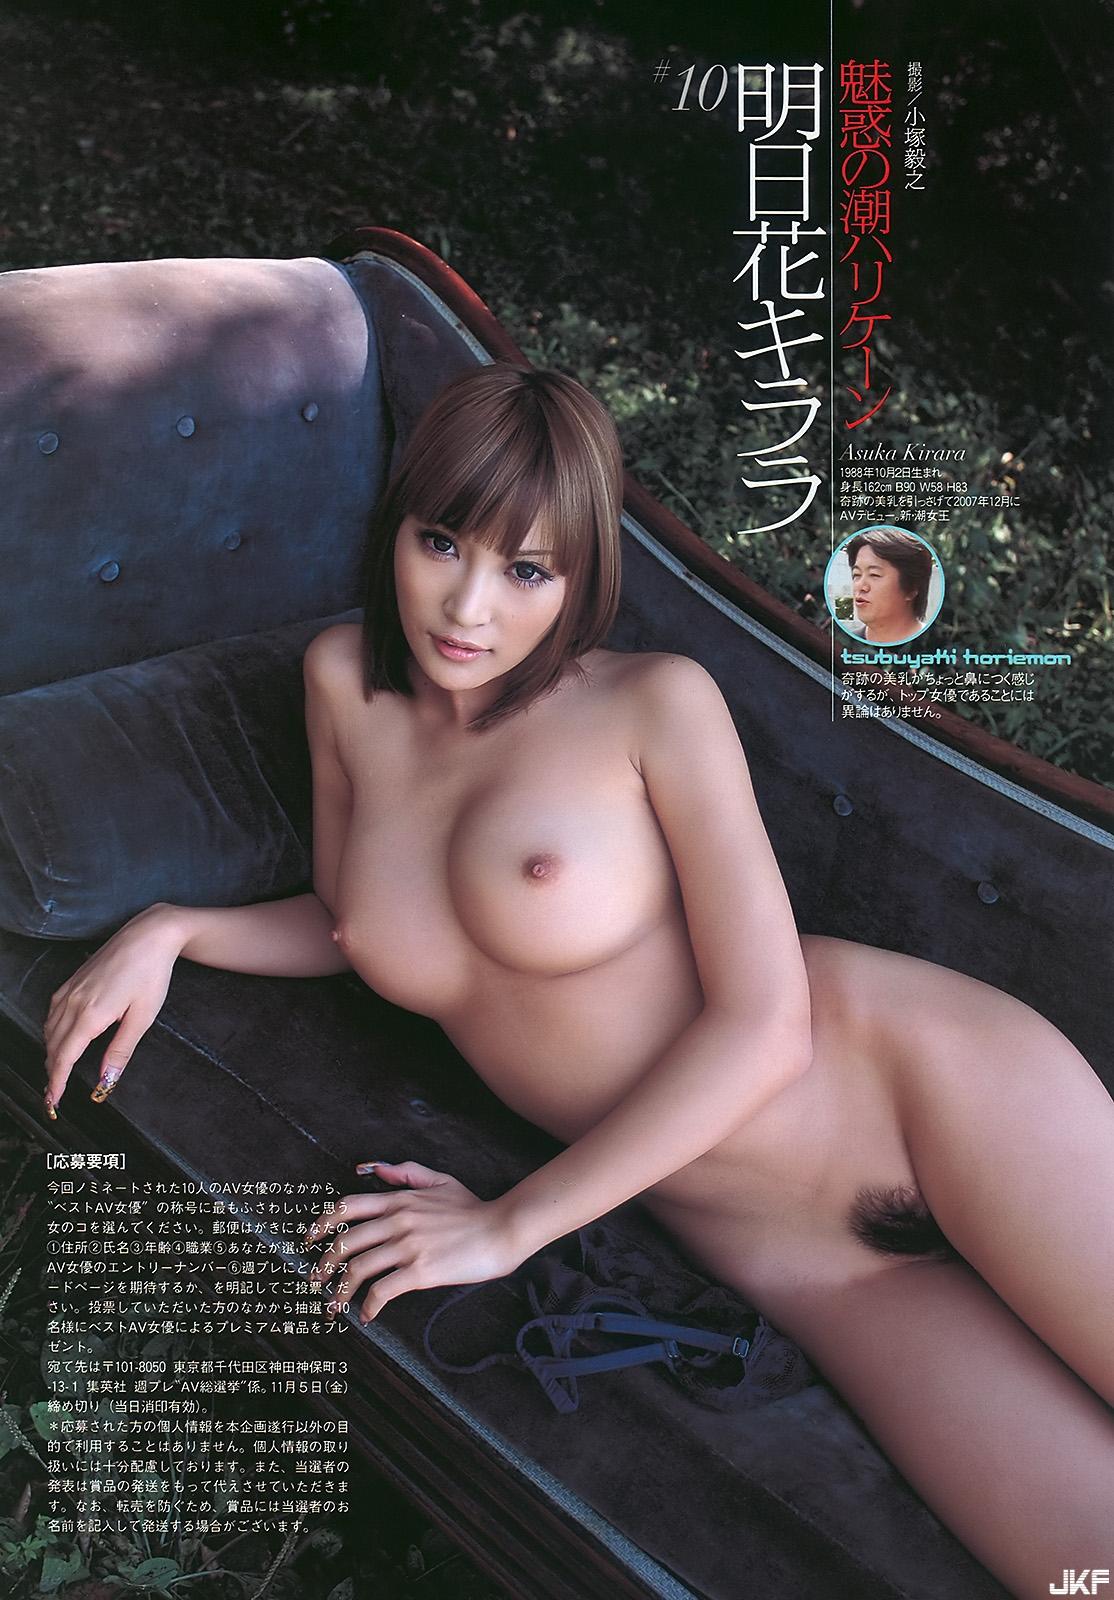 asuka-kirara-845397.jpg